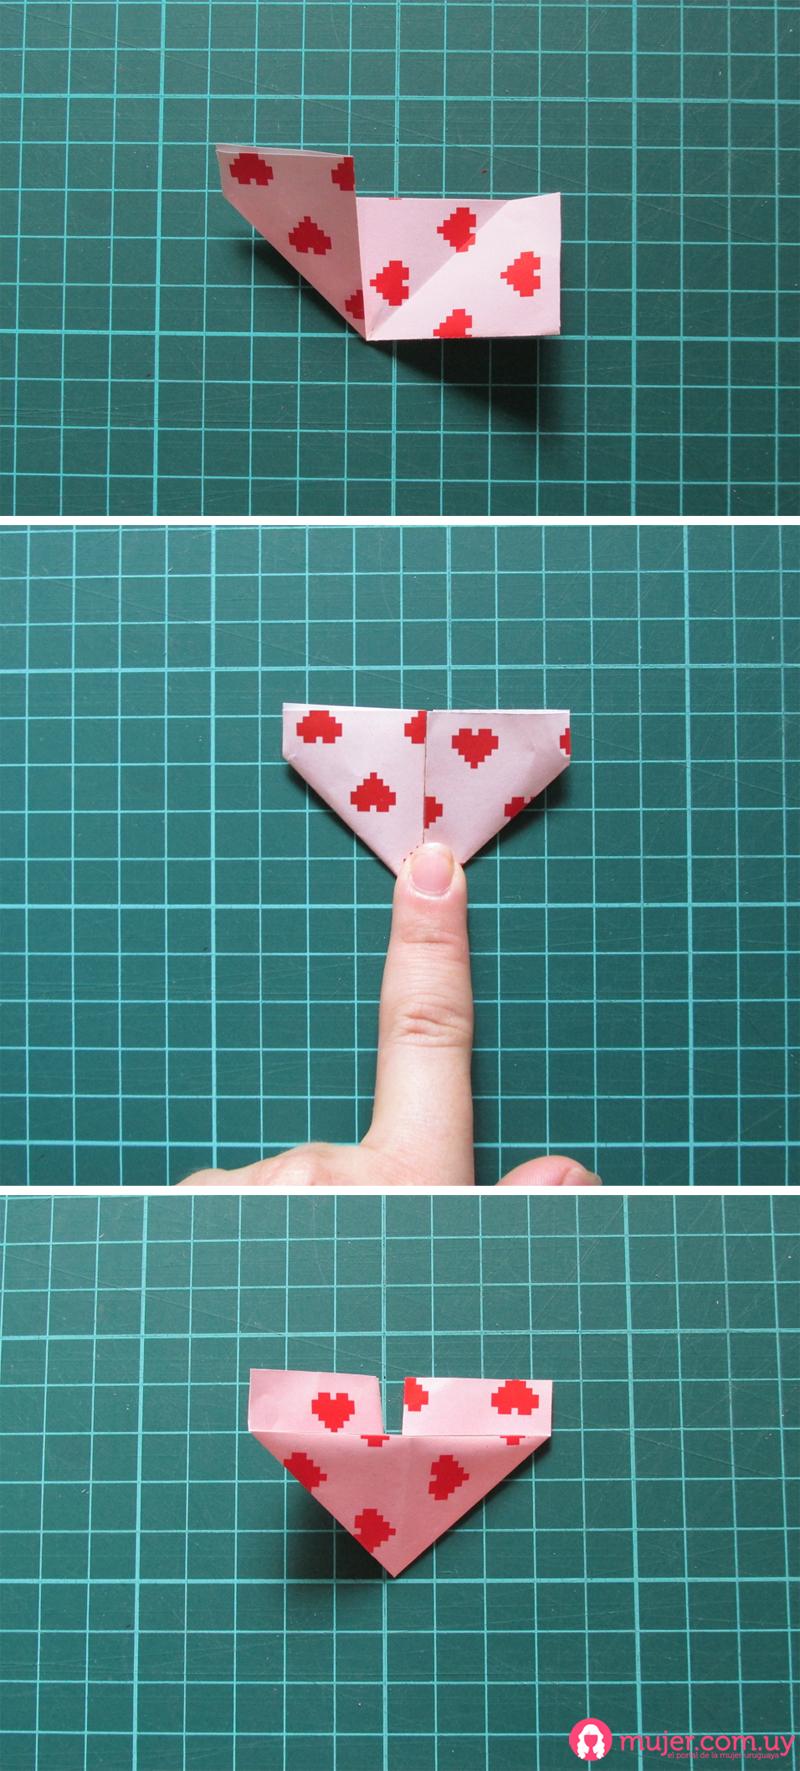 Marcalibros Corazón | Mujer.com.uy